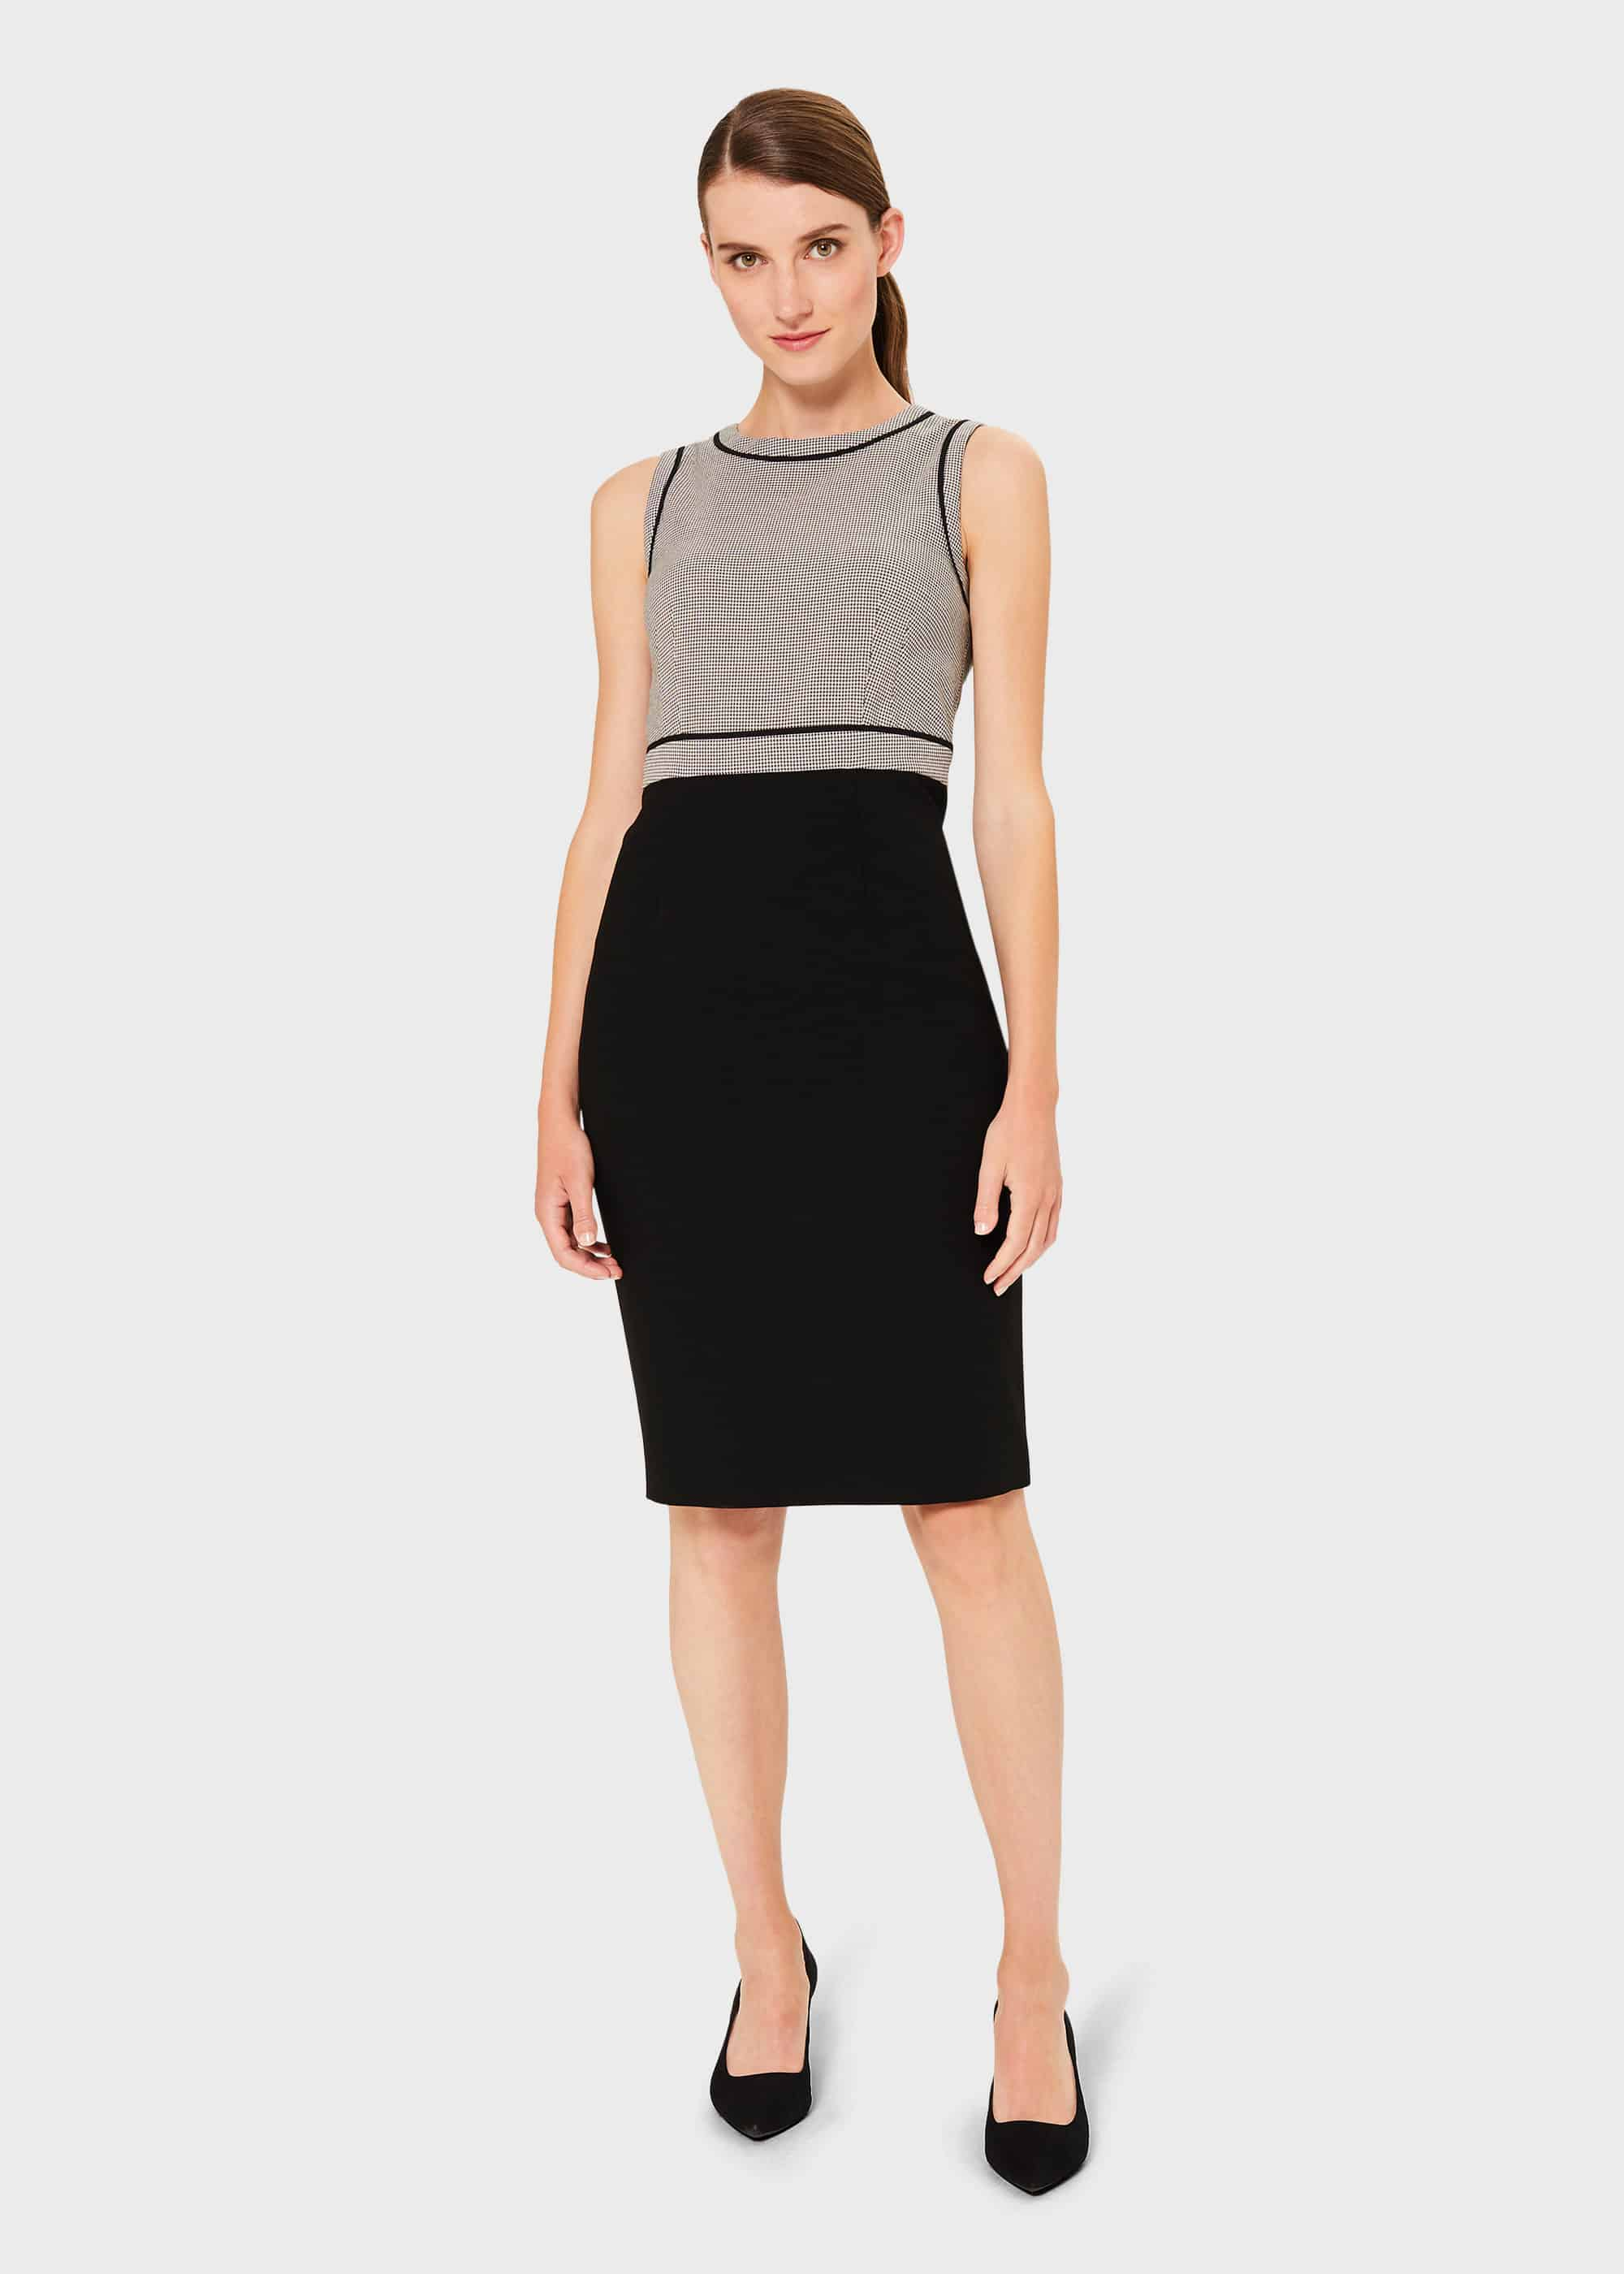 Hobbs Women Petite Sienna Dress